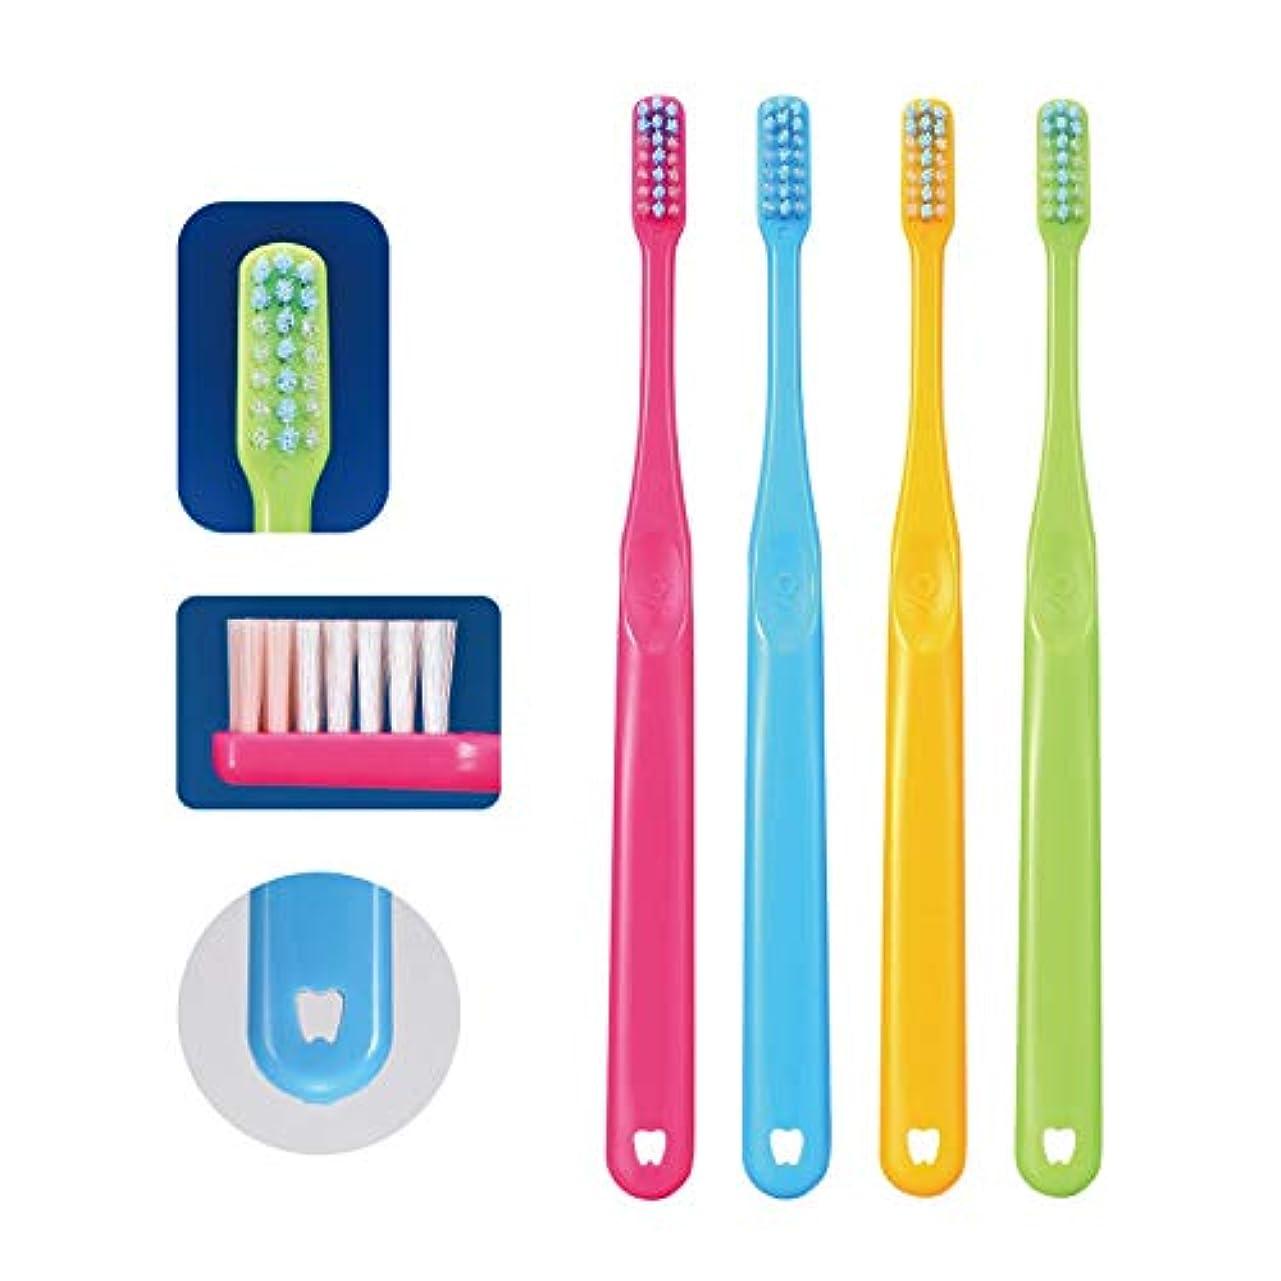 スリラー平らにする泣き叫ぶCi PRO PLUS プロプラス 歯ブラシ 20本 S(やわらかめ) 日本製 プラーク除去 歯科専売品